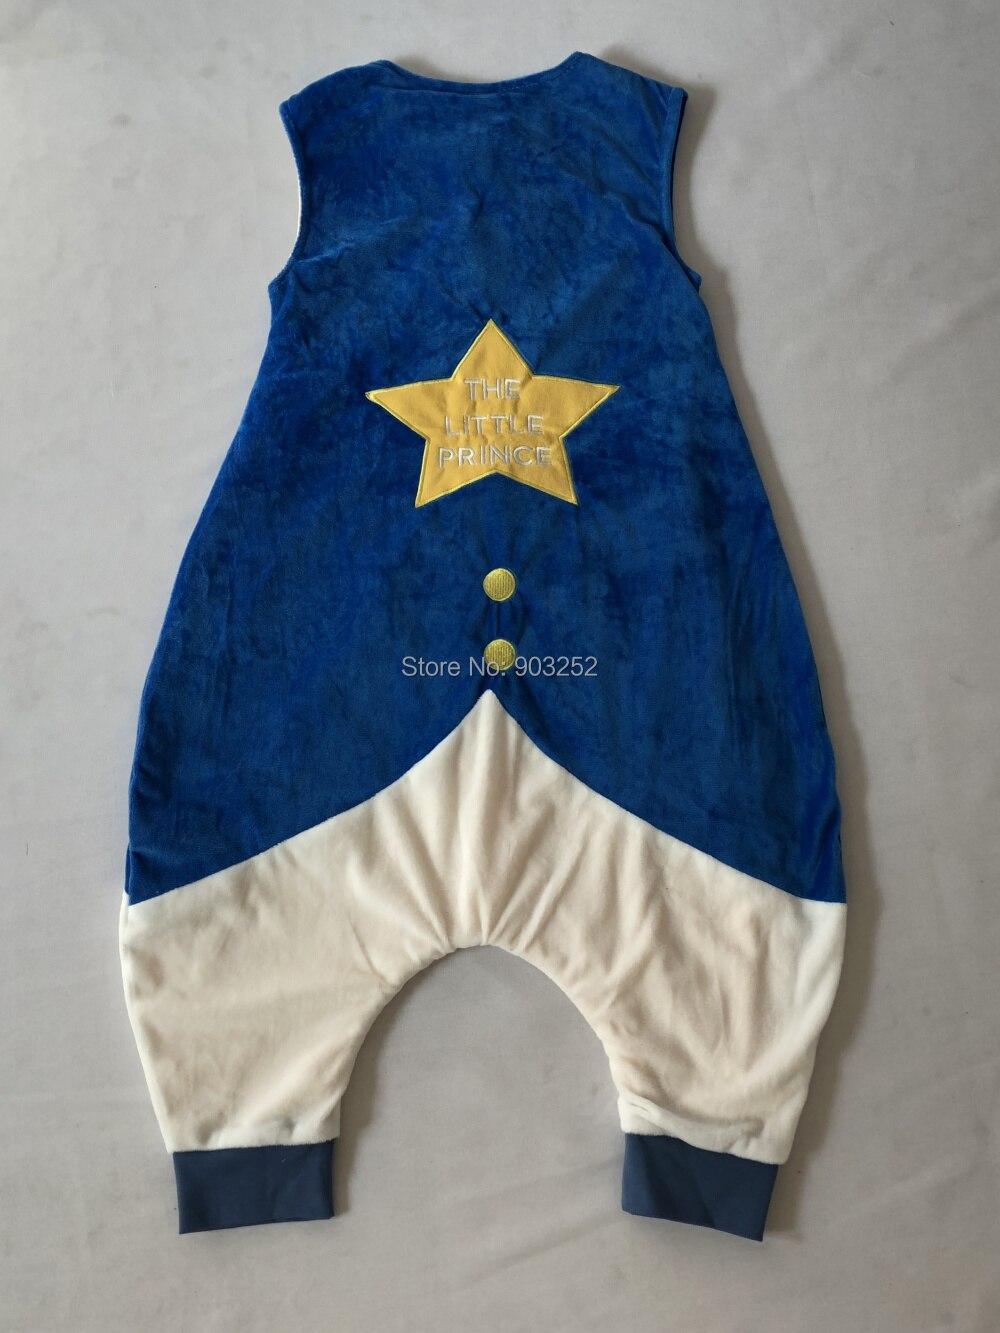 Детский спальный мешок, фланелевый мягкий удобный и удобный спальный мешок-с безопасной застежкой-молнией-Детские подушки унисекс/Детская Пижама